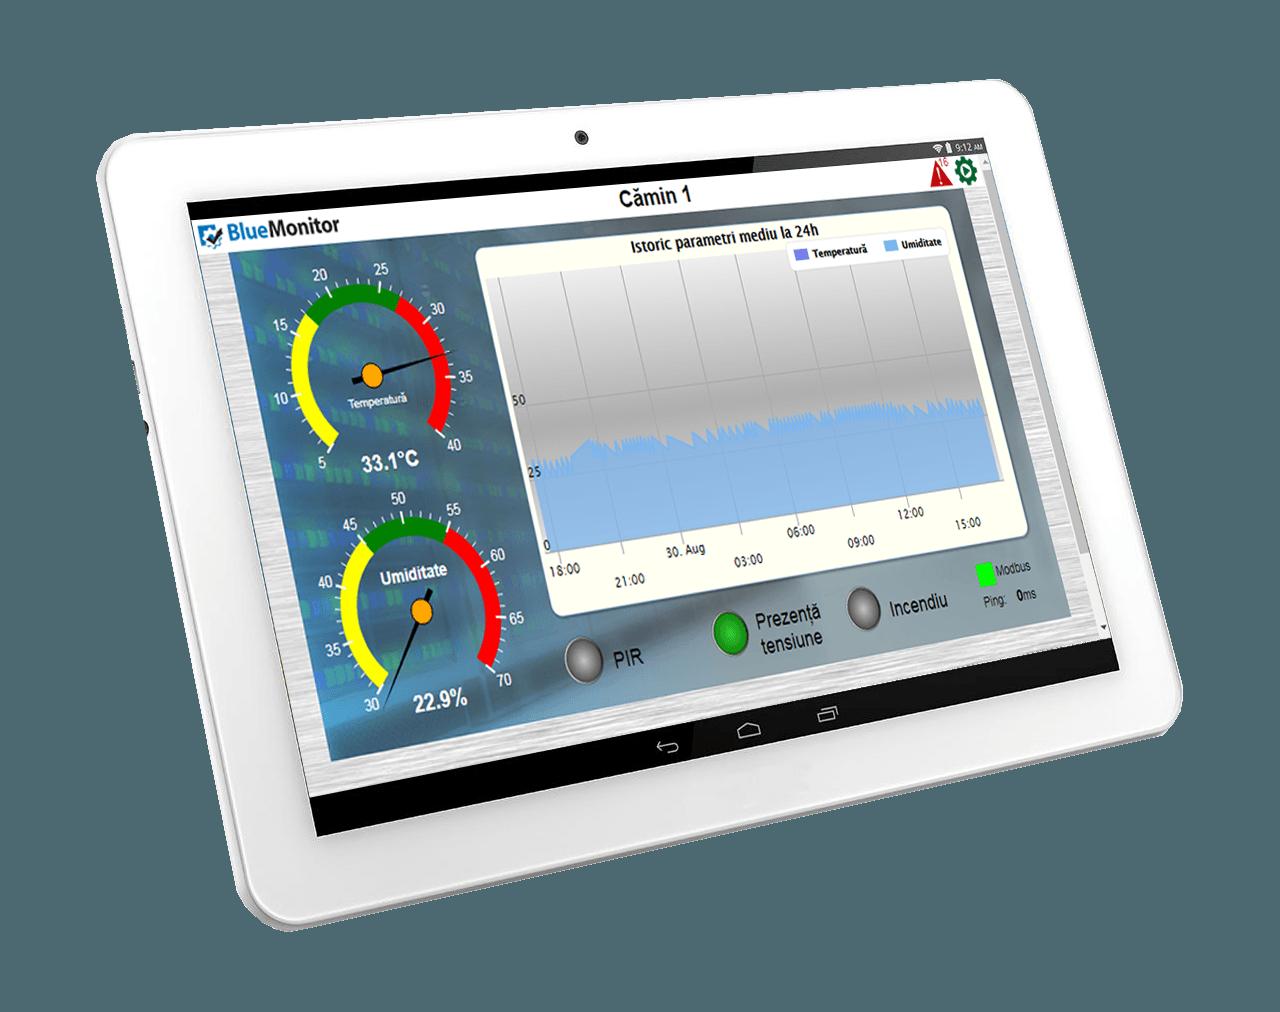 Monitorizare online cu BlueMonitor a parametrilor din camerele tehnice